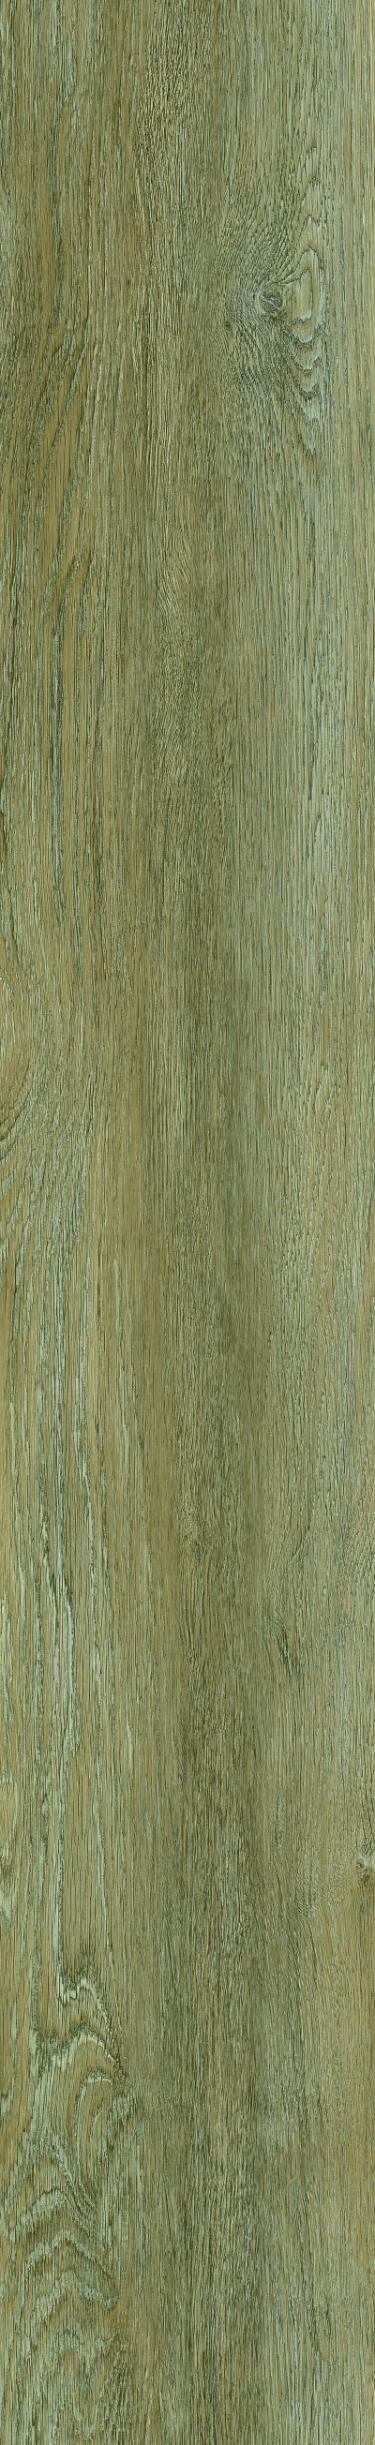 Vinylové podlahy Gerflor DESIGNART Home Click Empire Blond